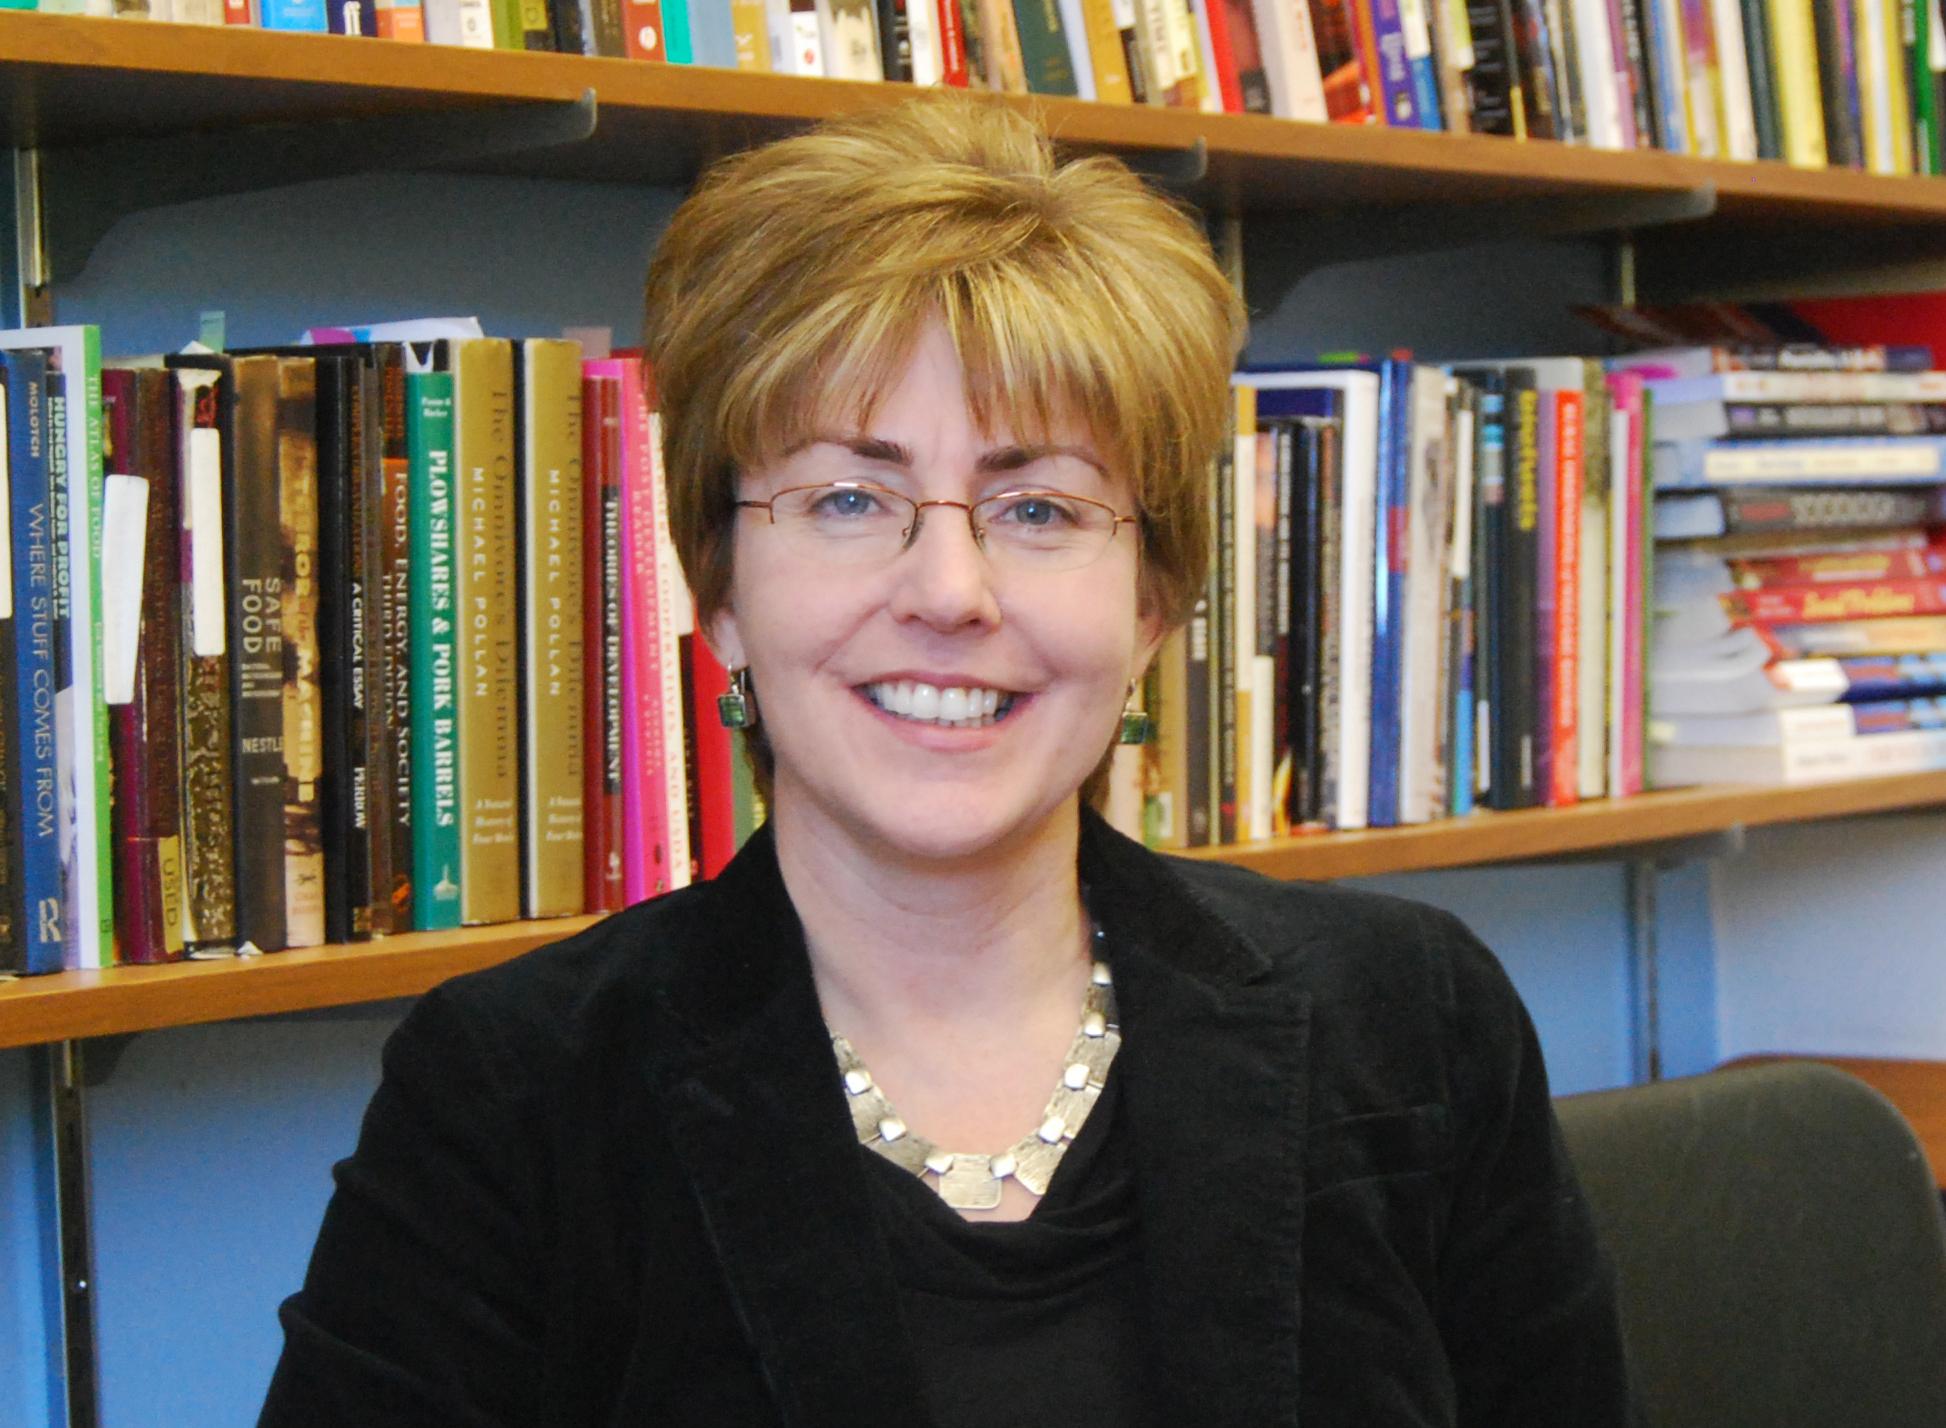 Dr. Carmen Bain